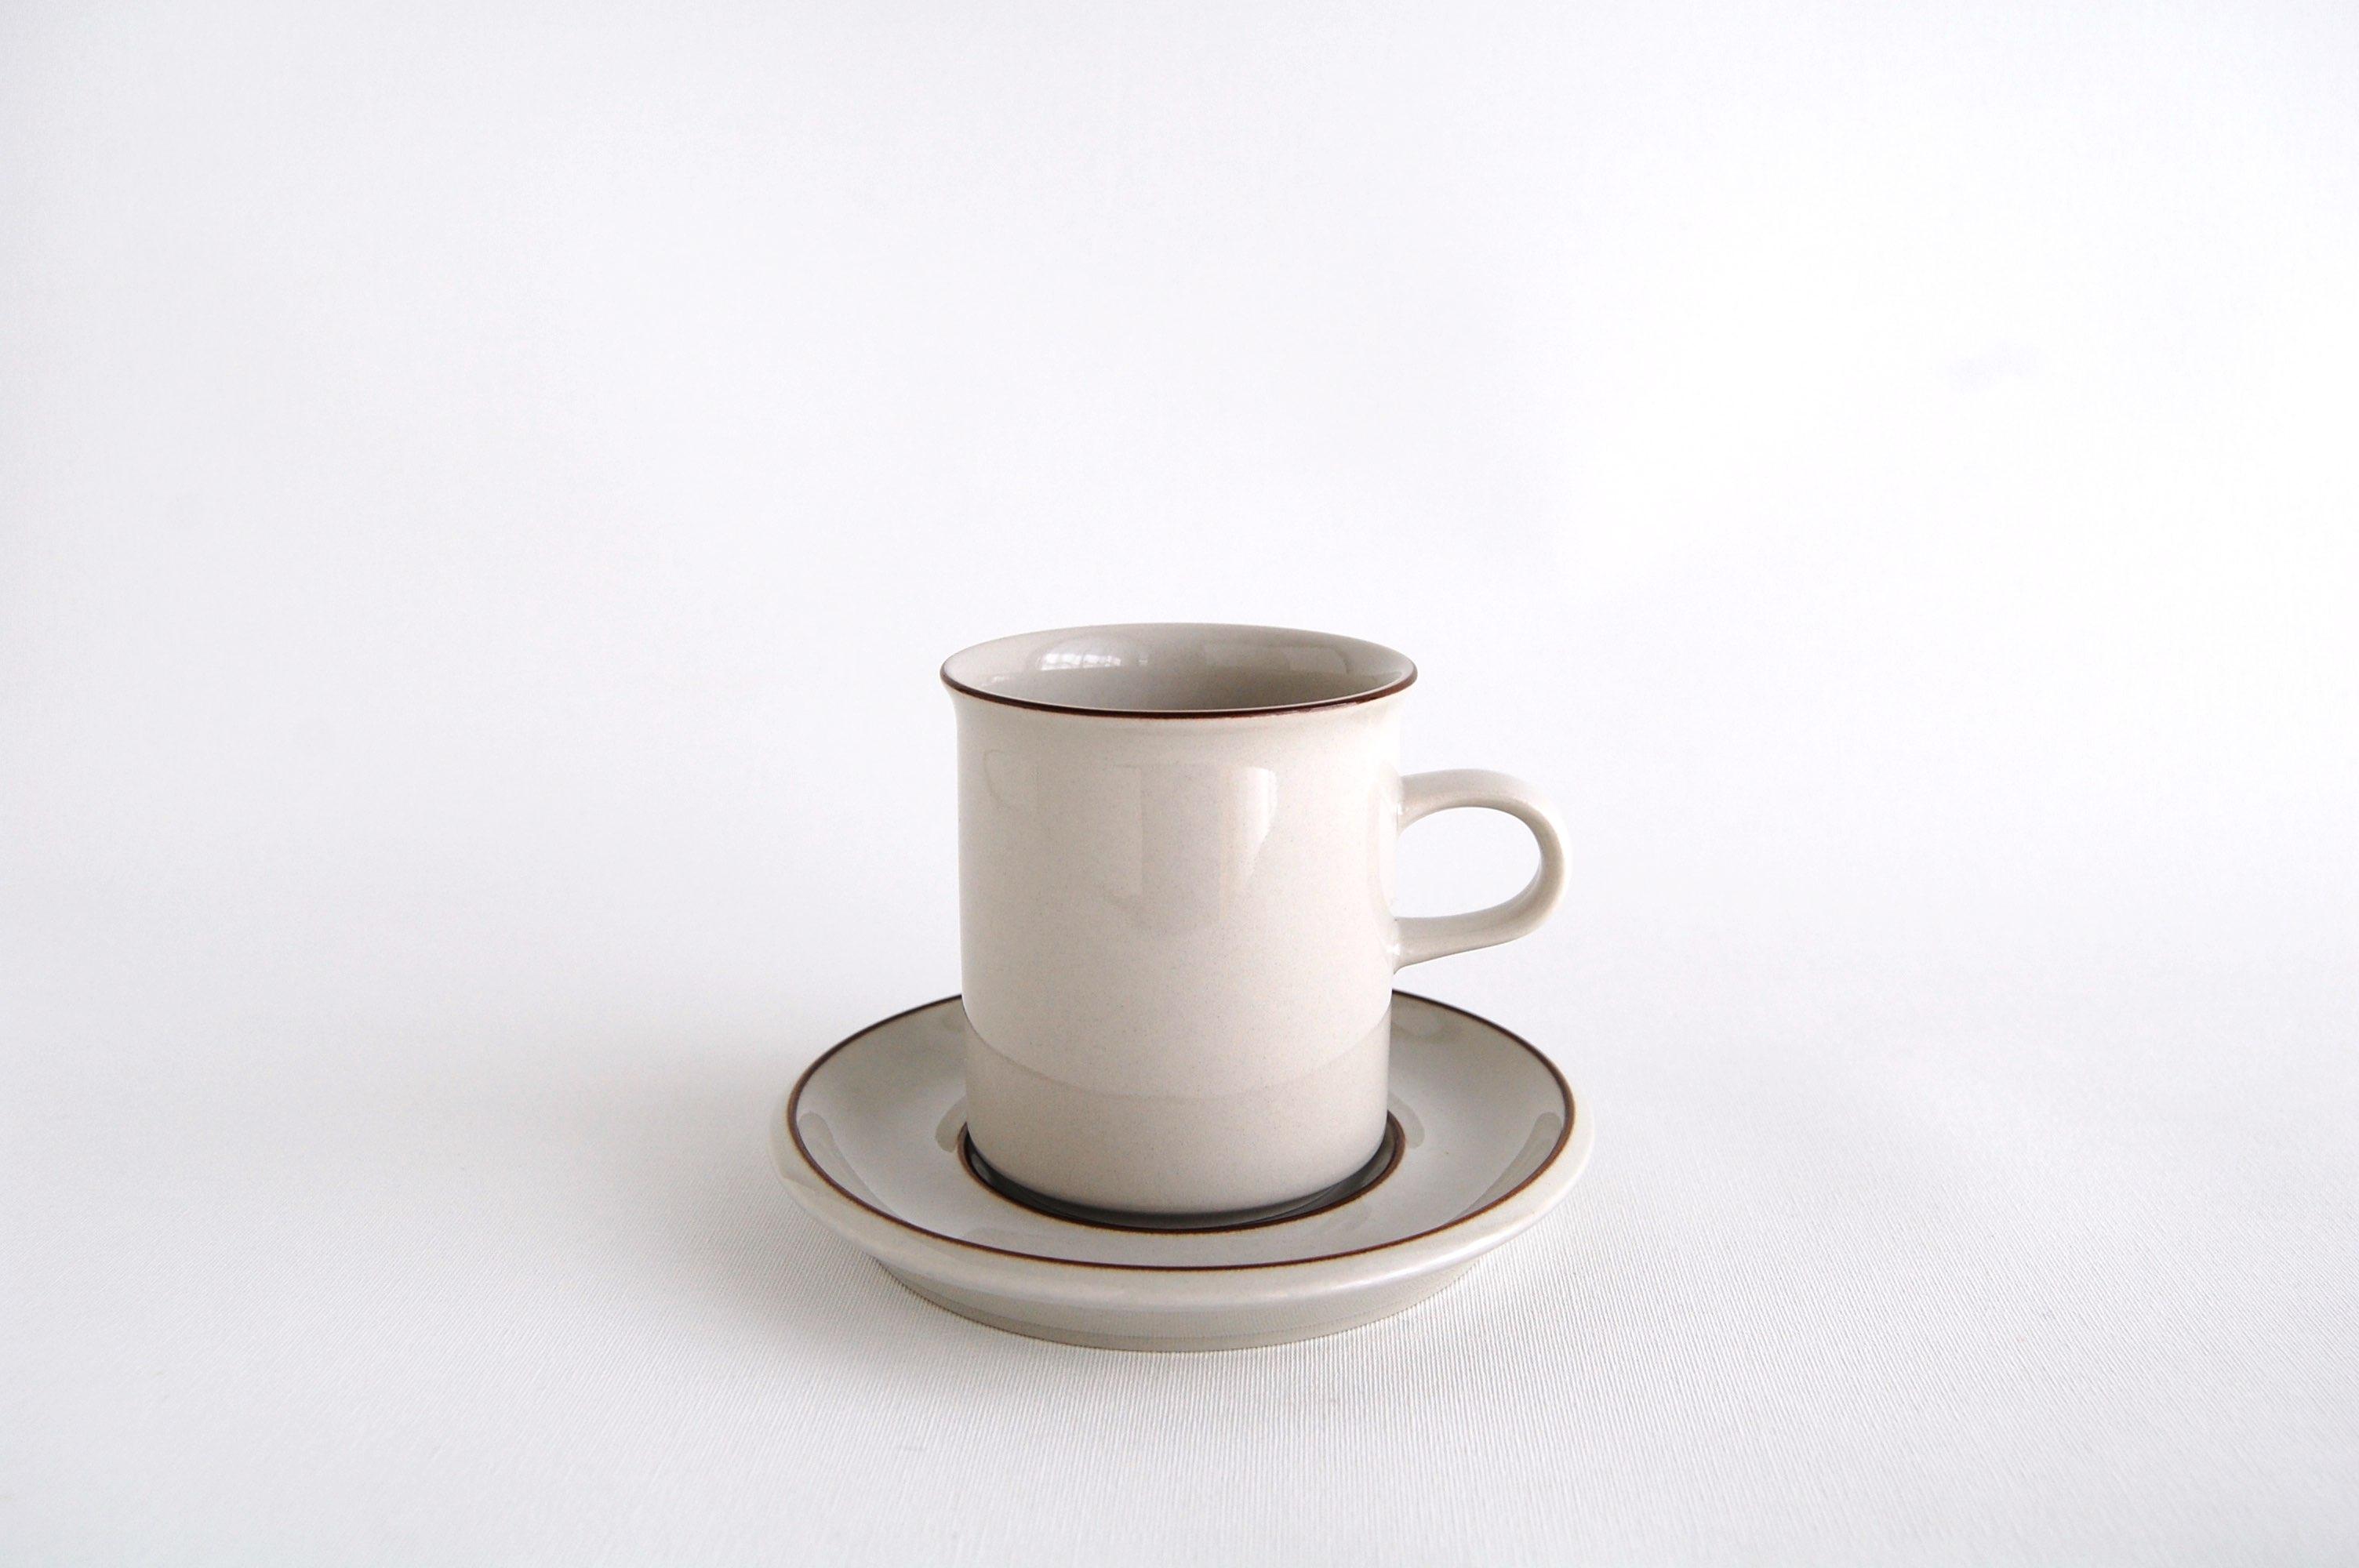 ARABIA/アラビア  Fennica/フェニカ コーヒーカップ&ソーサー 001